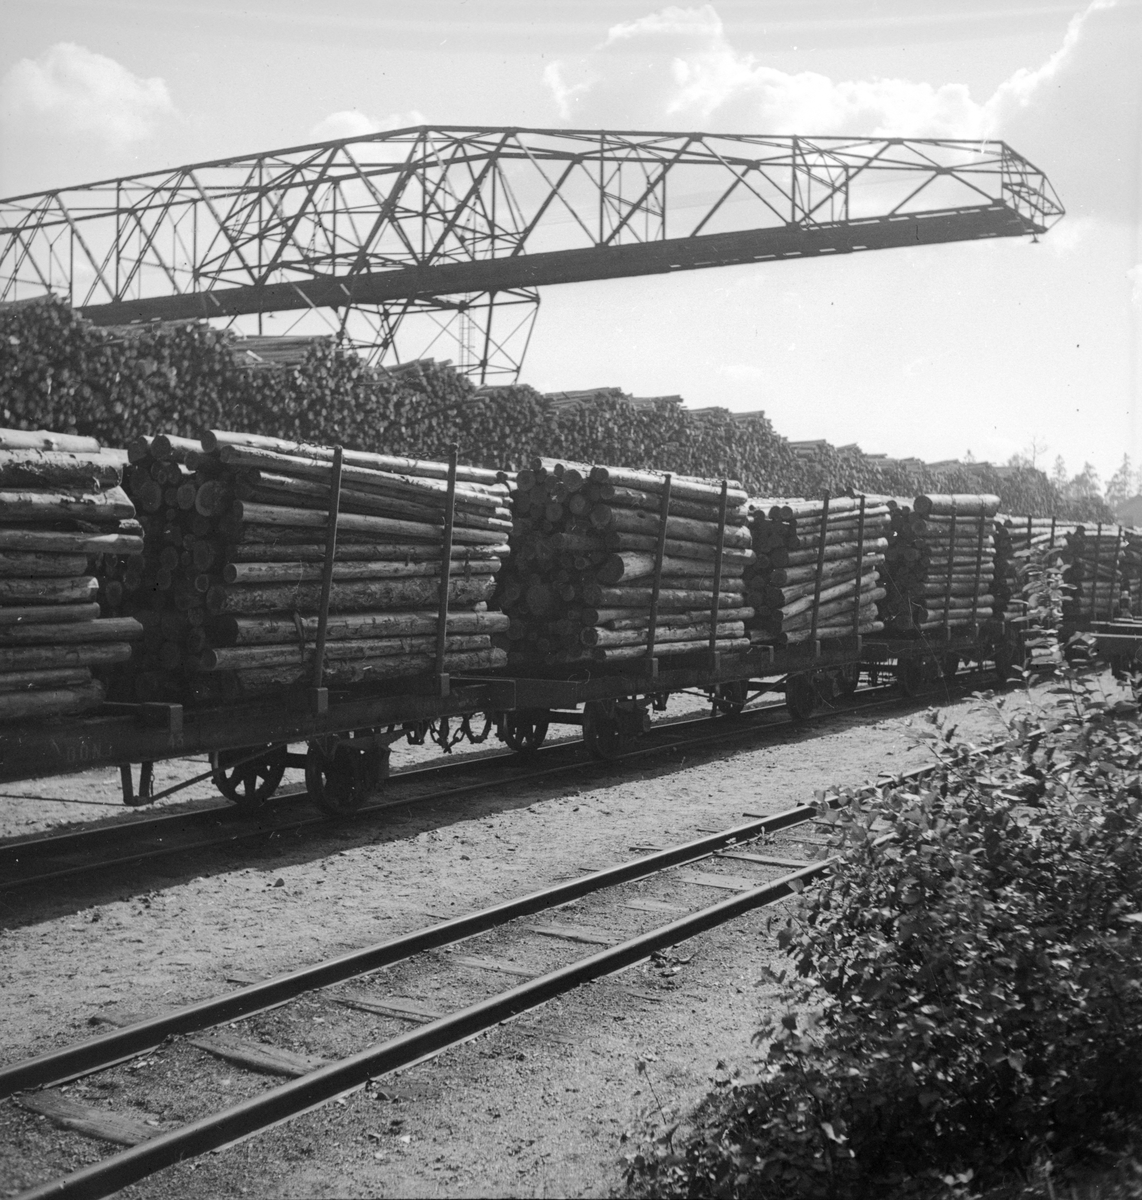 Vagnar lastade med massaved. Brokran i bakgrunden